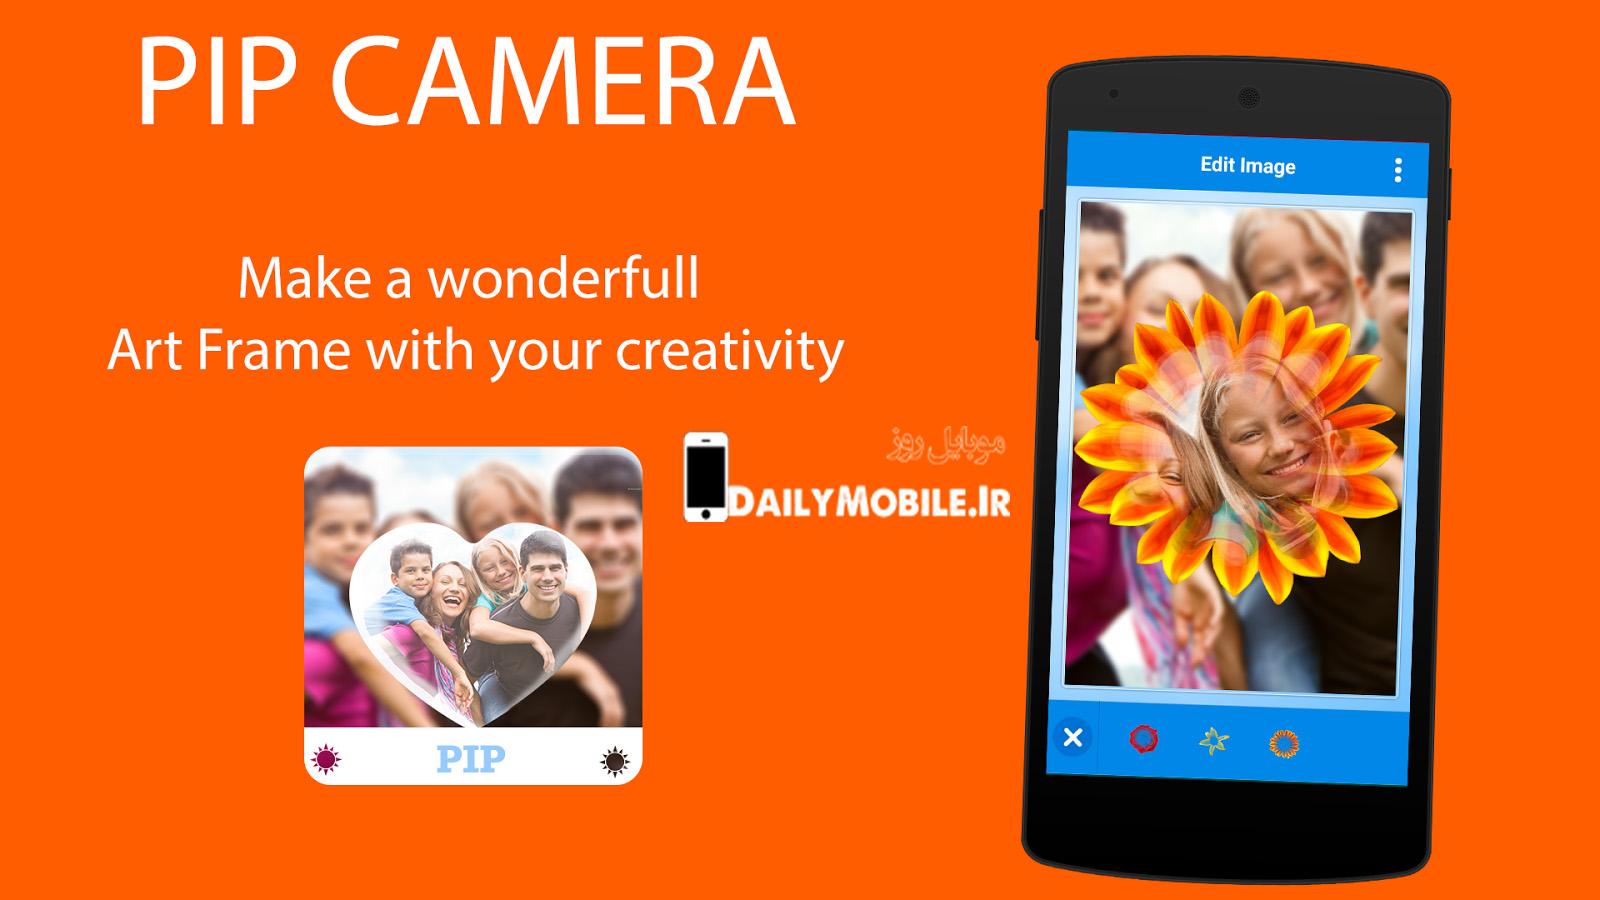 دانلود نرم افزار ویرایش عکس PIP Camera-Photo Editor Pro اندروید